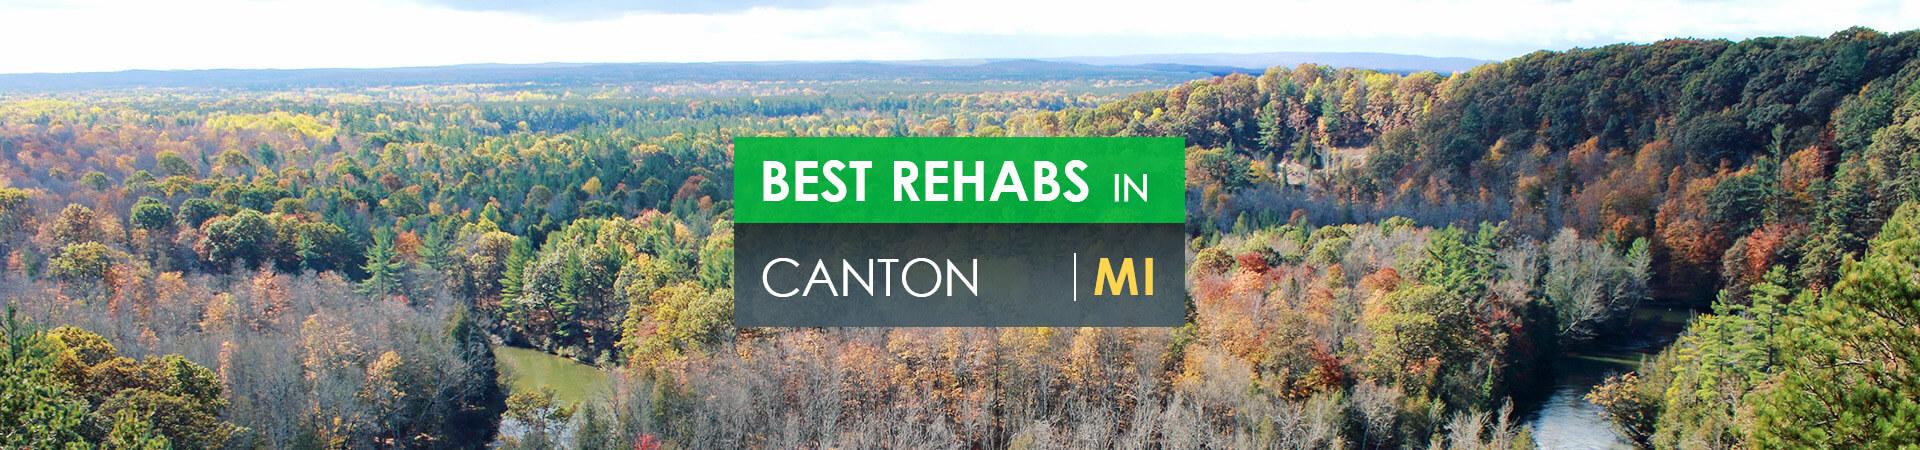 Best rehabs in Canton, MI